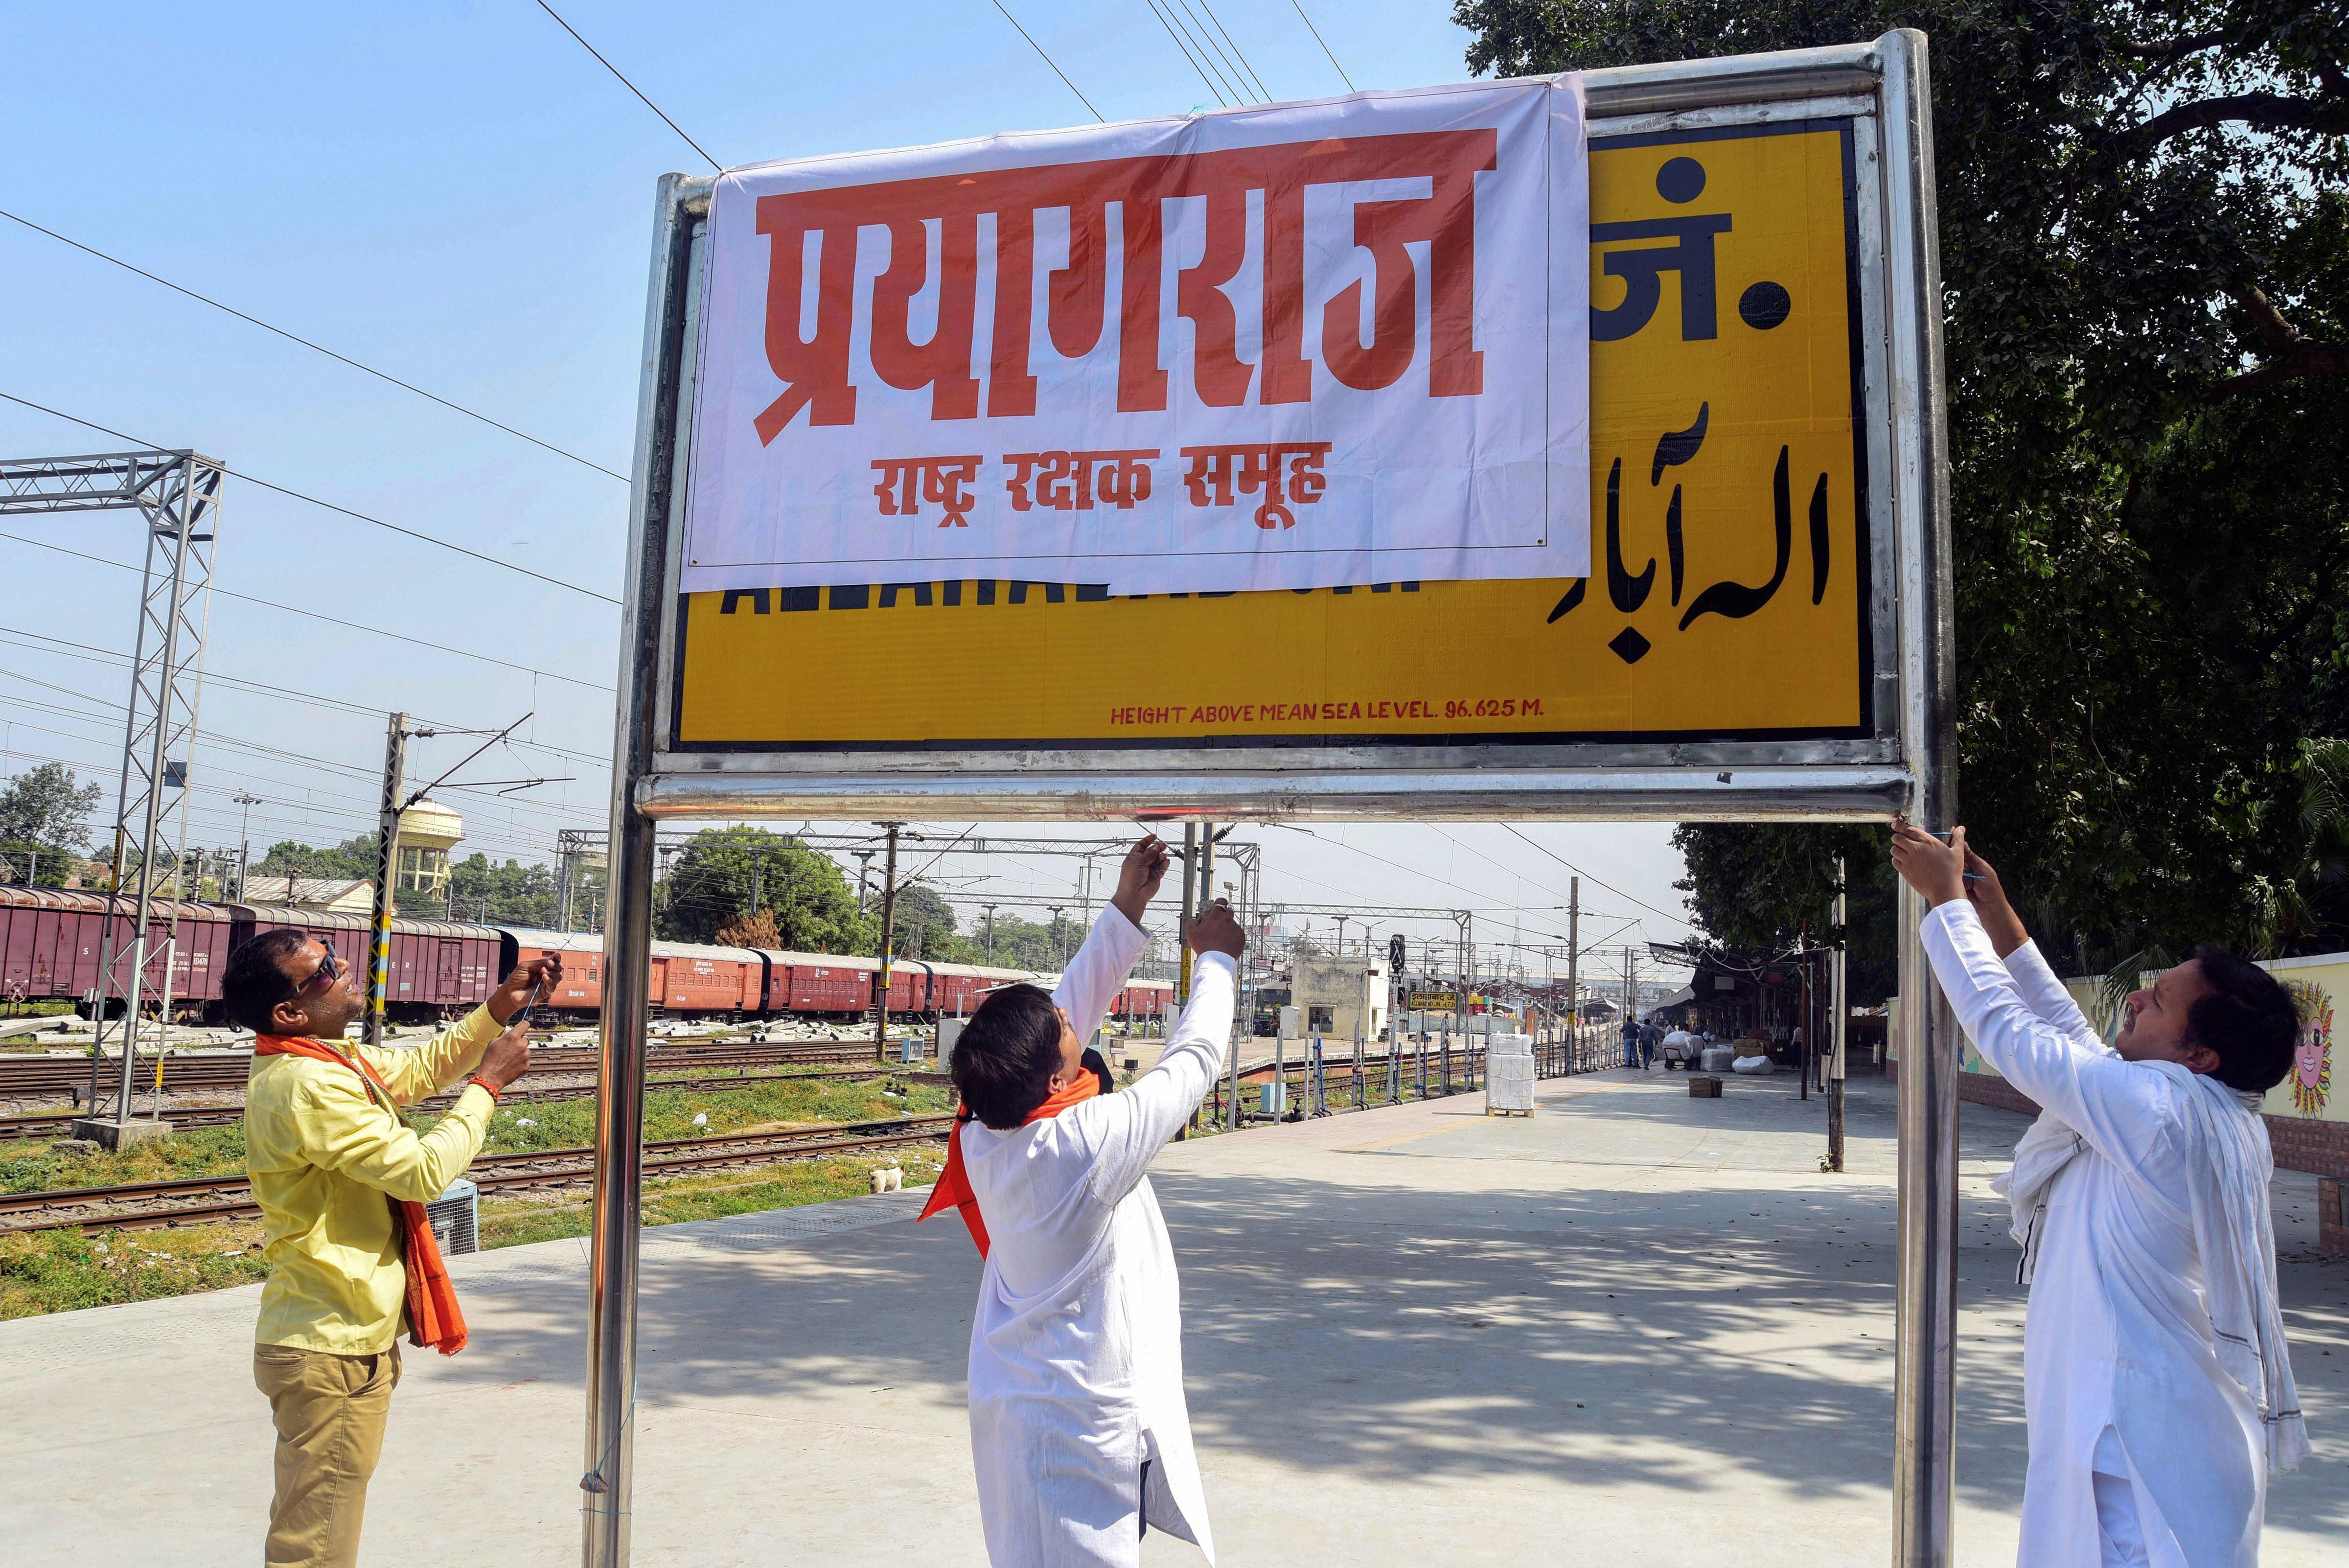 Activists of the Rashtriya Rakshak Samuh cover a railway station sign that says